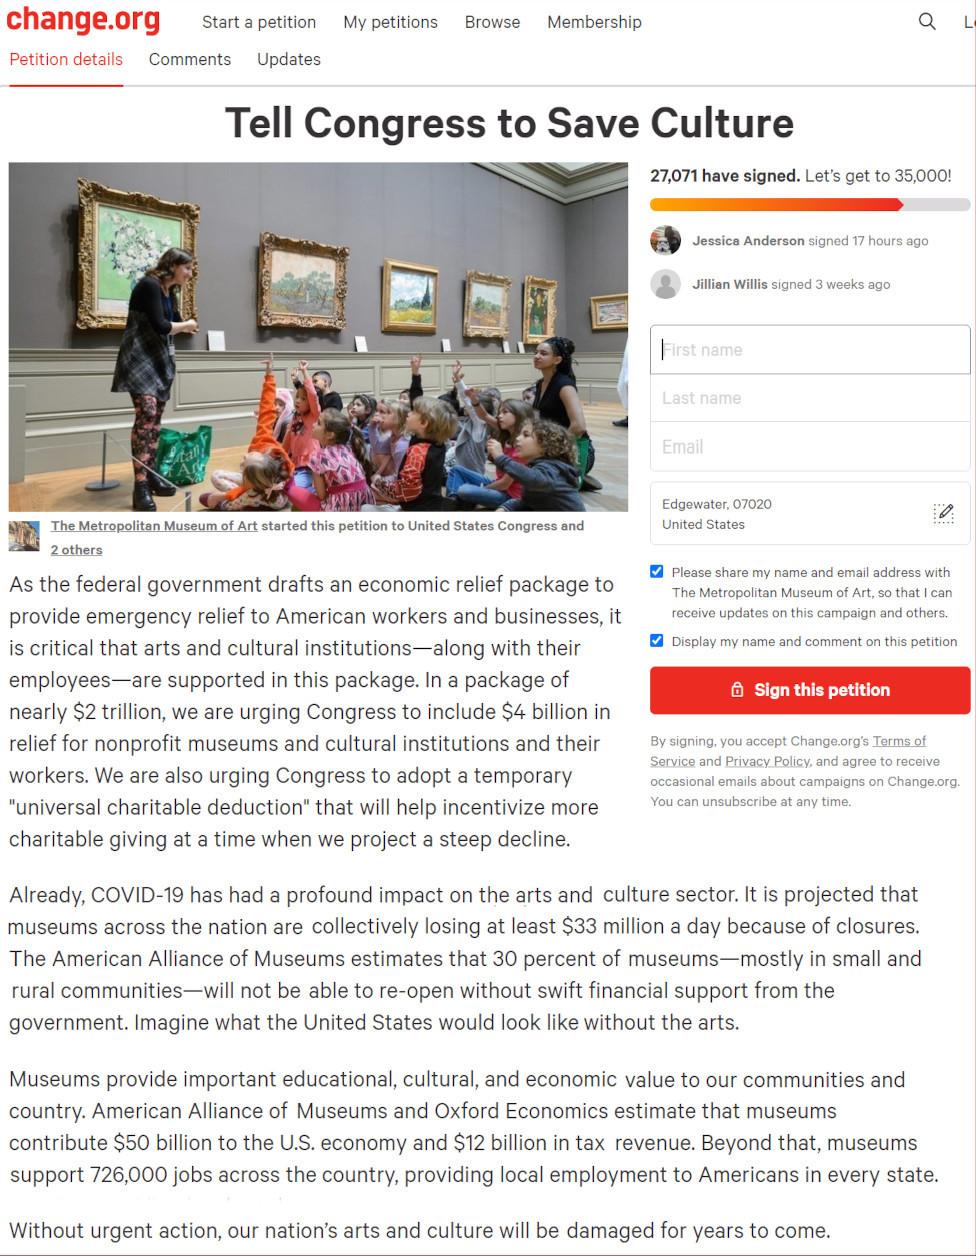 来週月曜日8月24日から、ニューヨークの美術館など室内施設が再オープンへ_b0007805_23115342.jpg